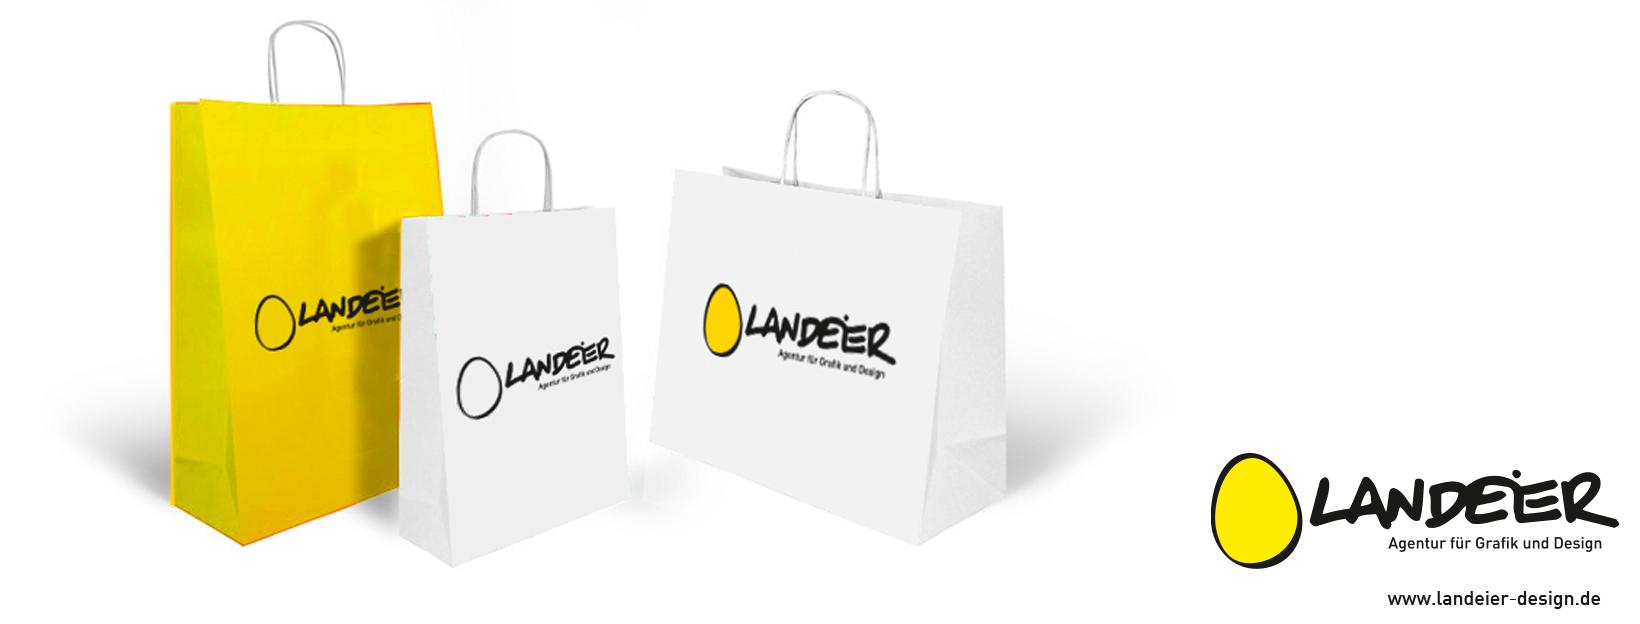 Landeier_Papiertueten_1640x624